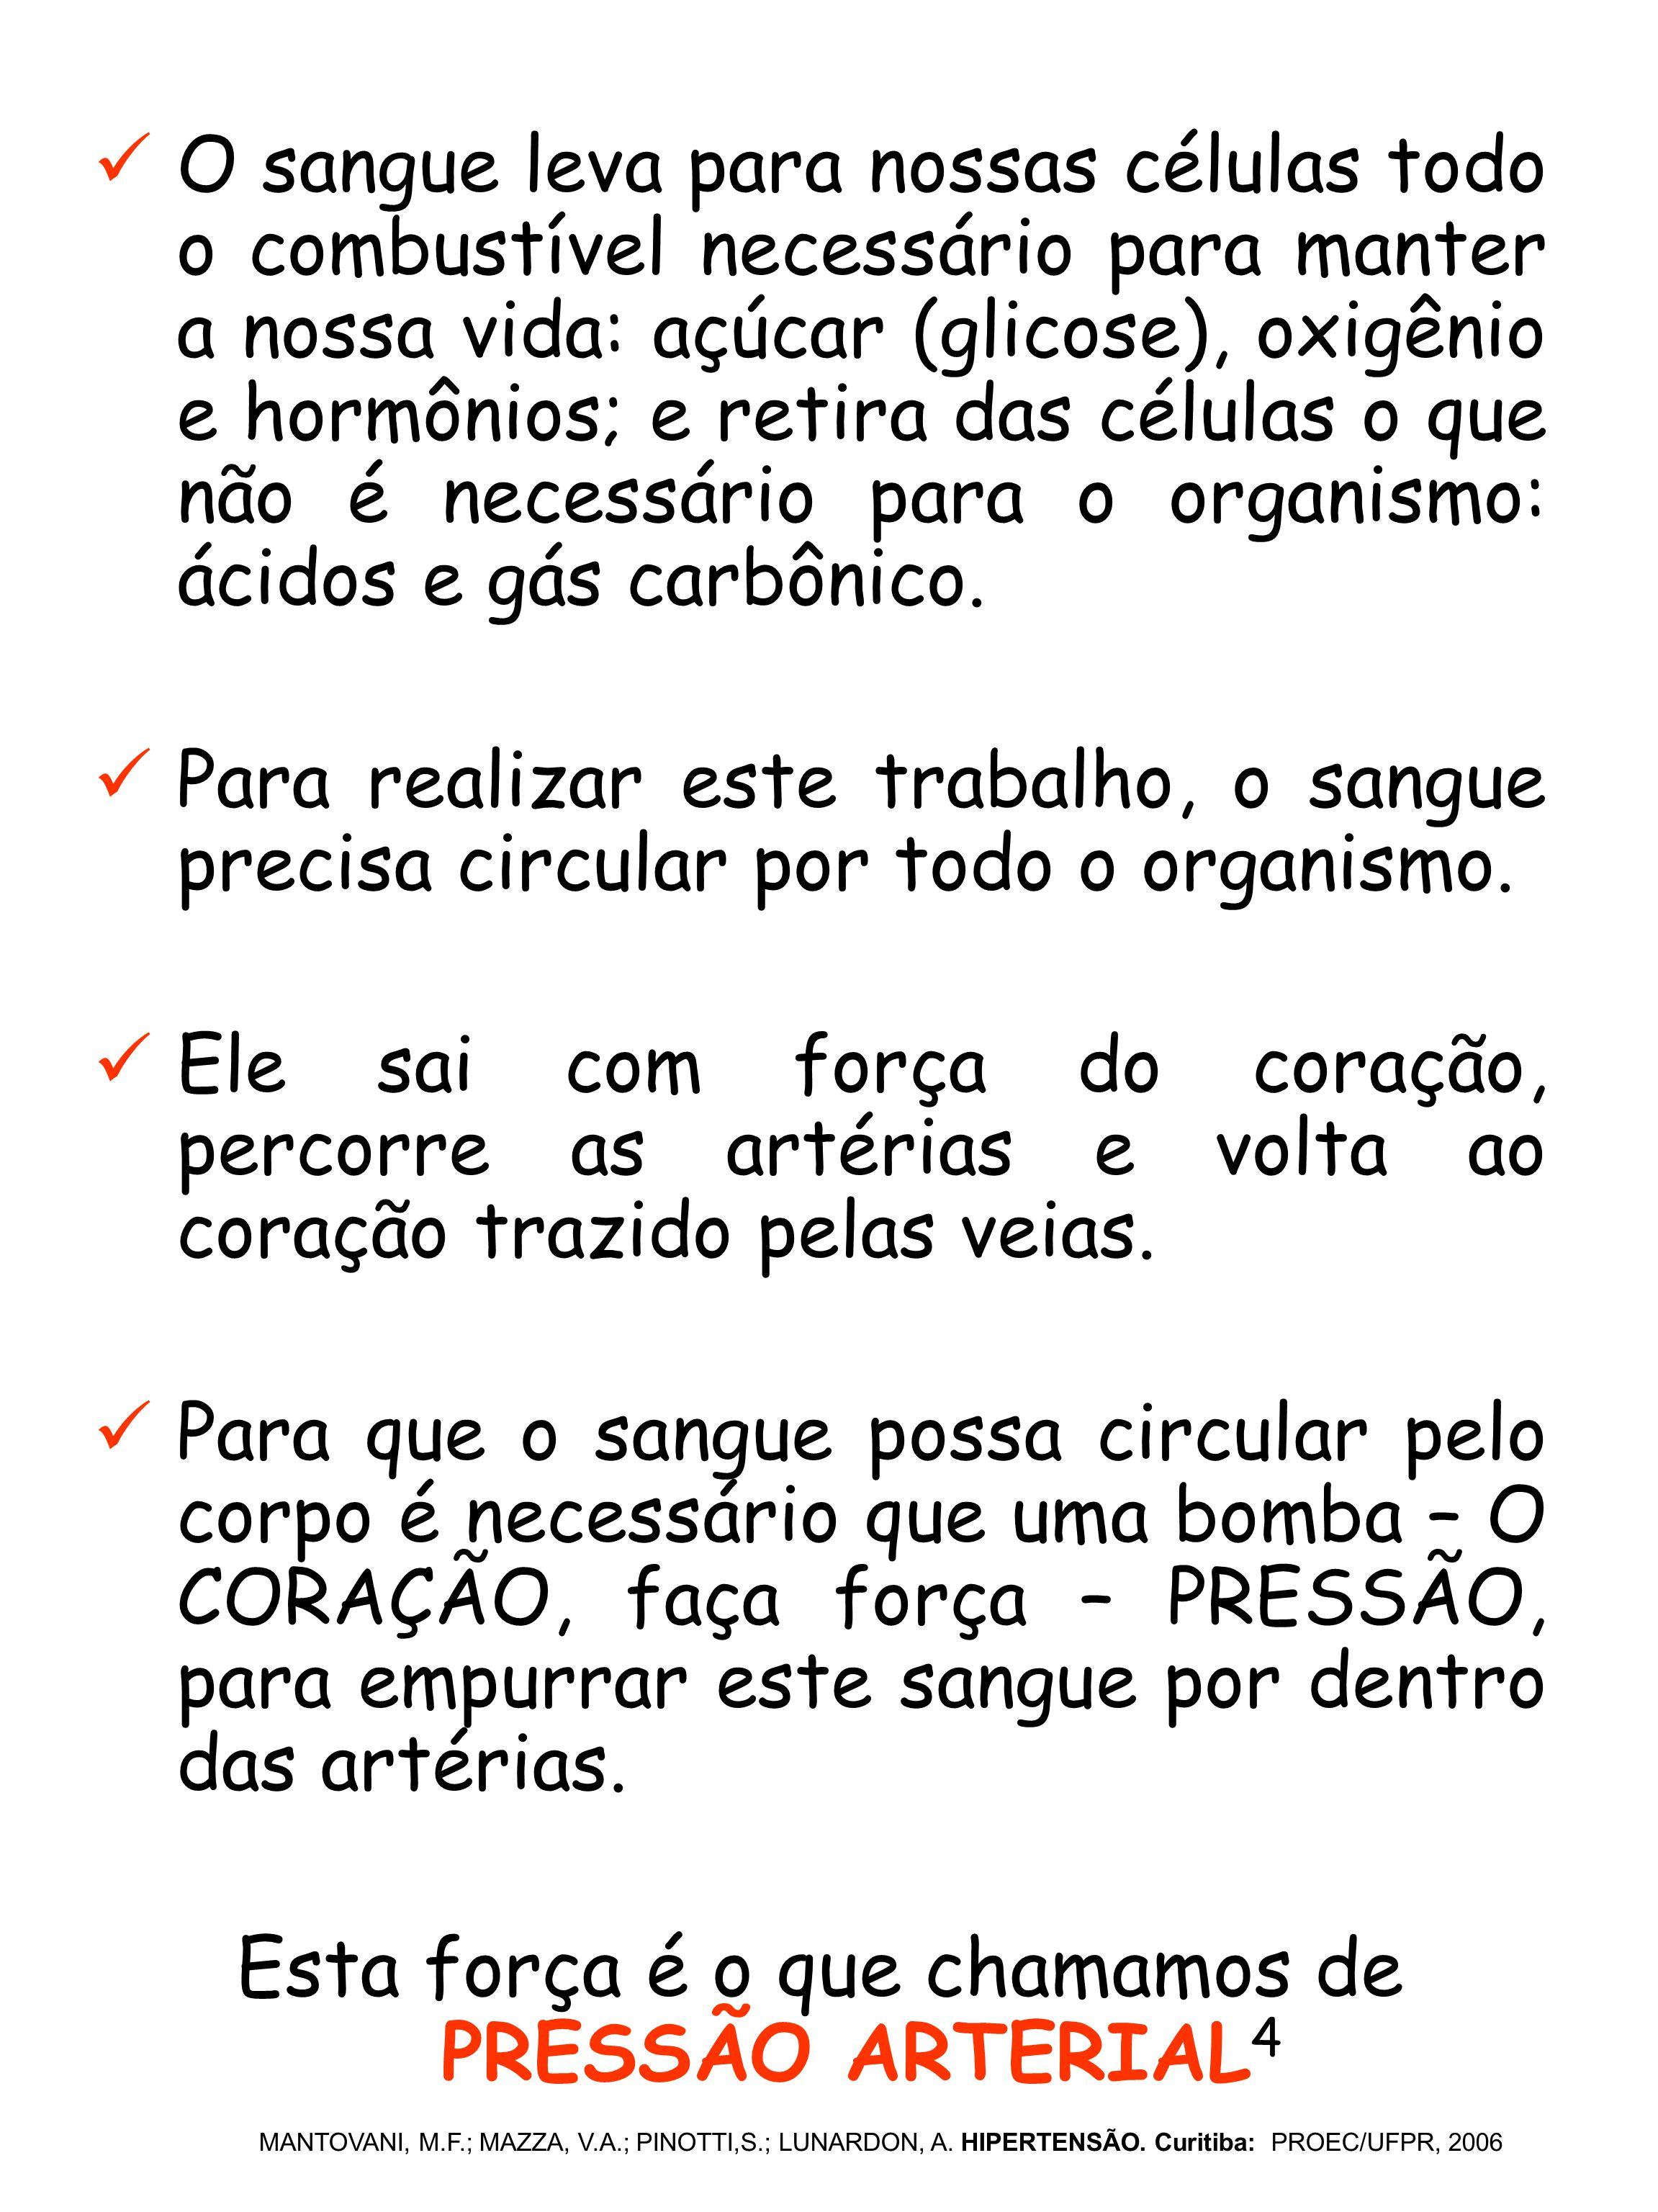 QUAL A IMPORTÂNCIA DO EXERCÍCIO FÍSICO PARA REDUÇÃO DA PRESSÃO ARTERIAL.